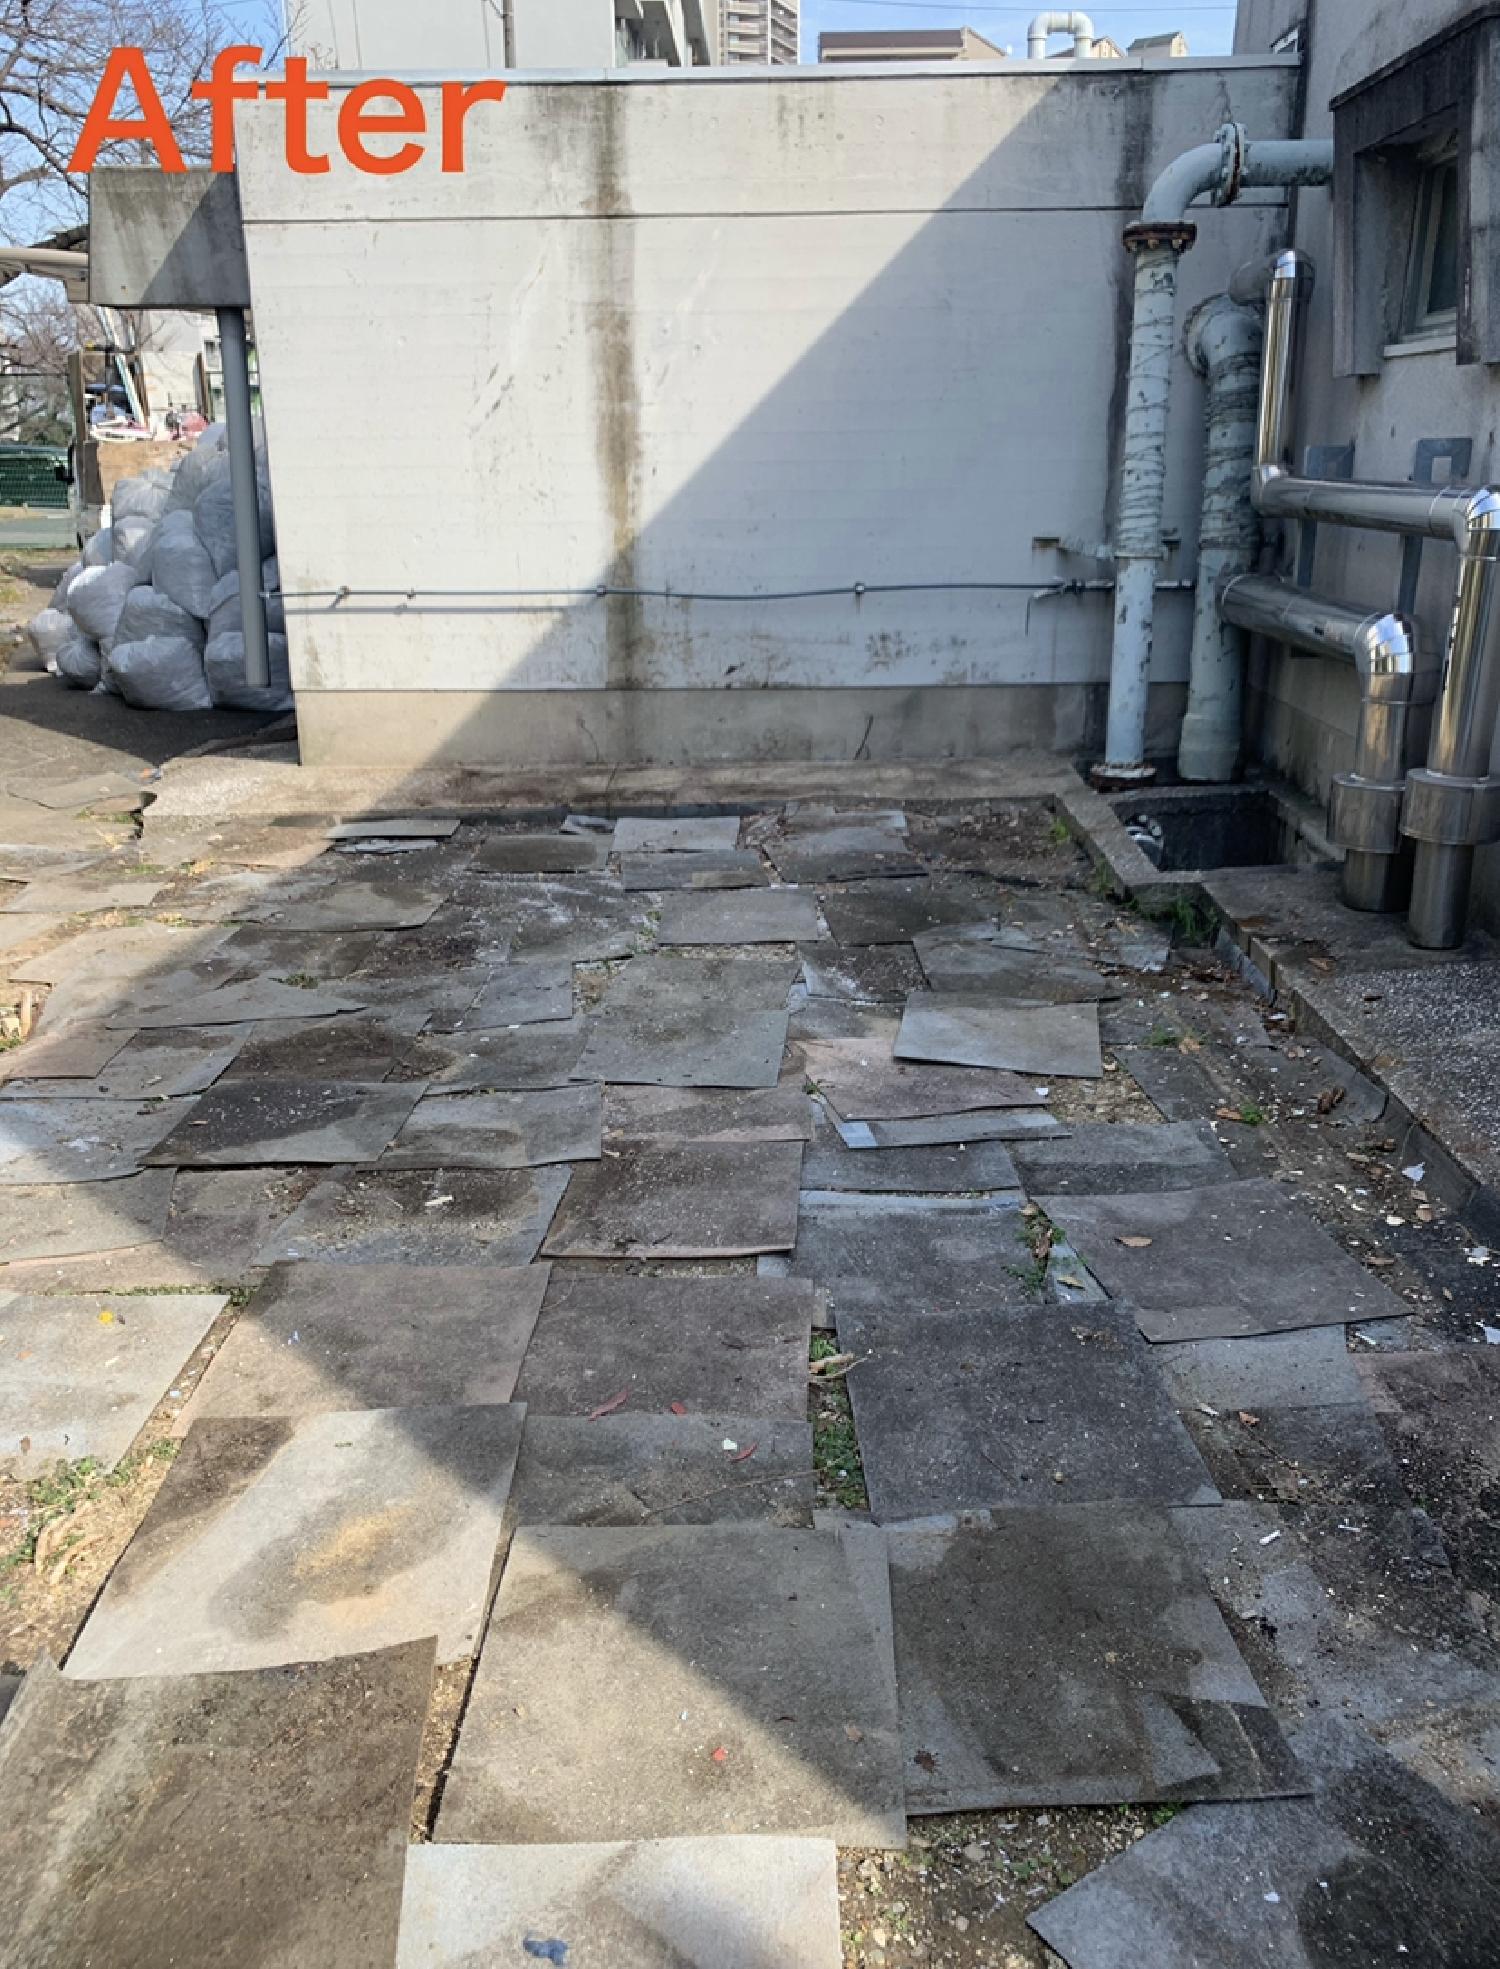 大阪府堺市北区、浅香山住宅管理組合様より不用品回収のご依頼。 画像_2